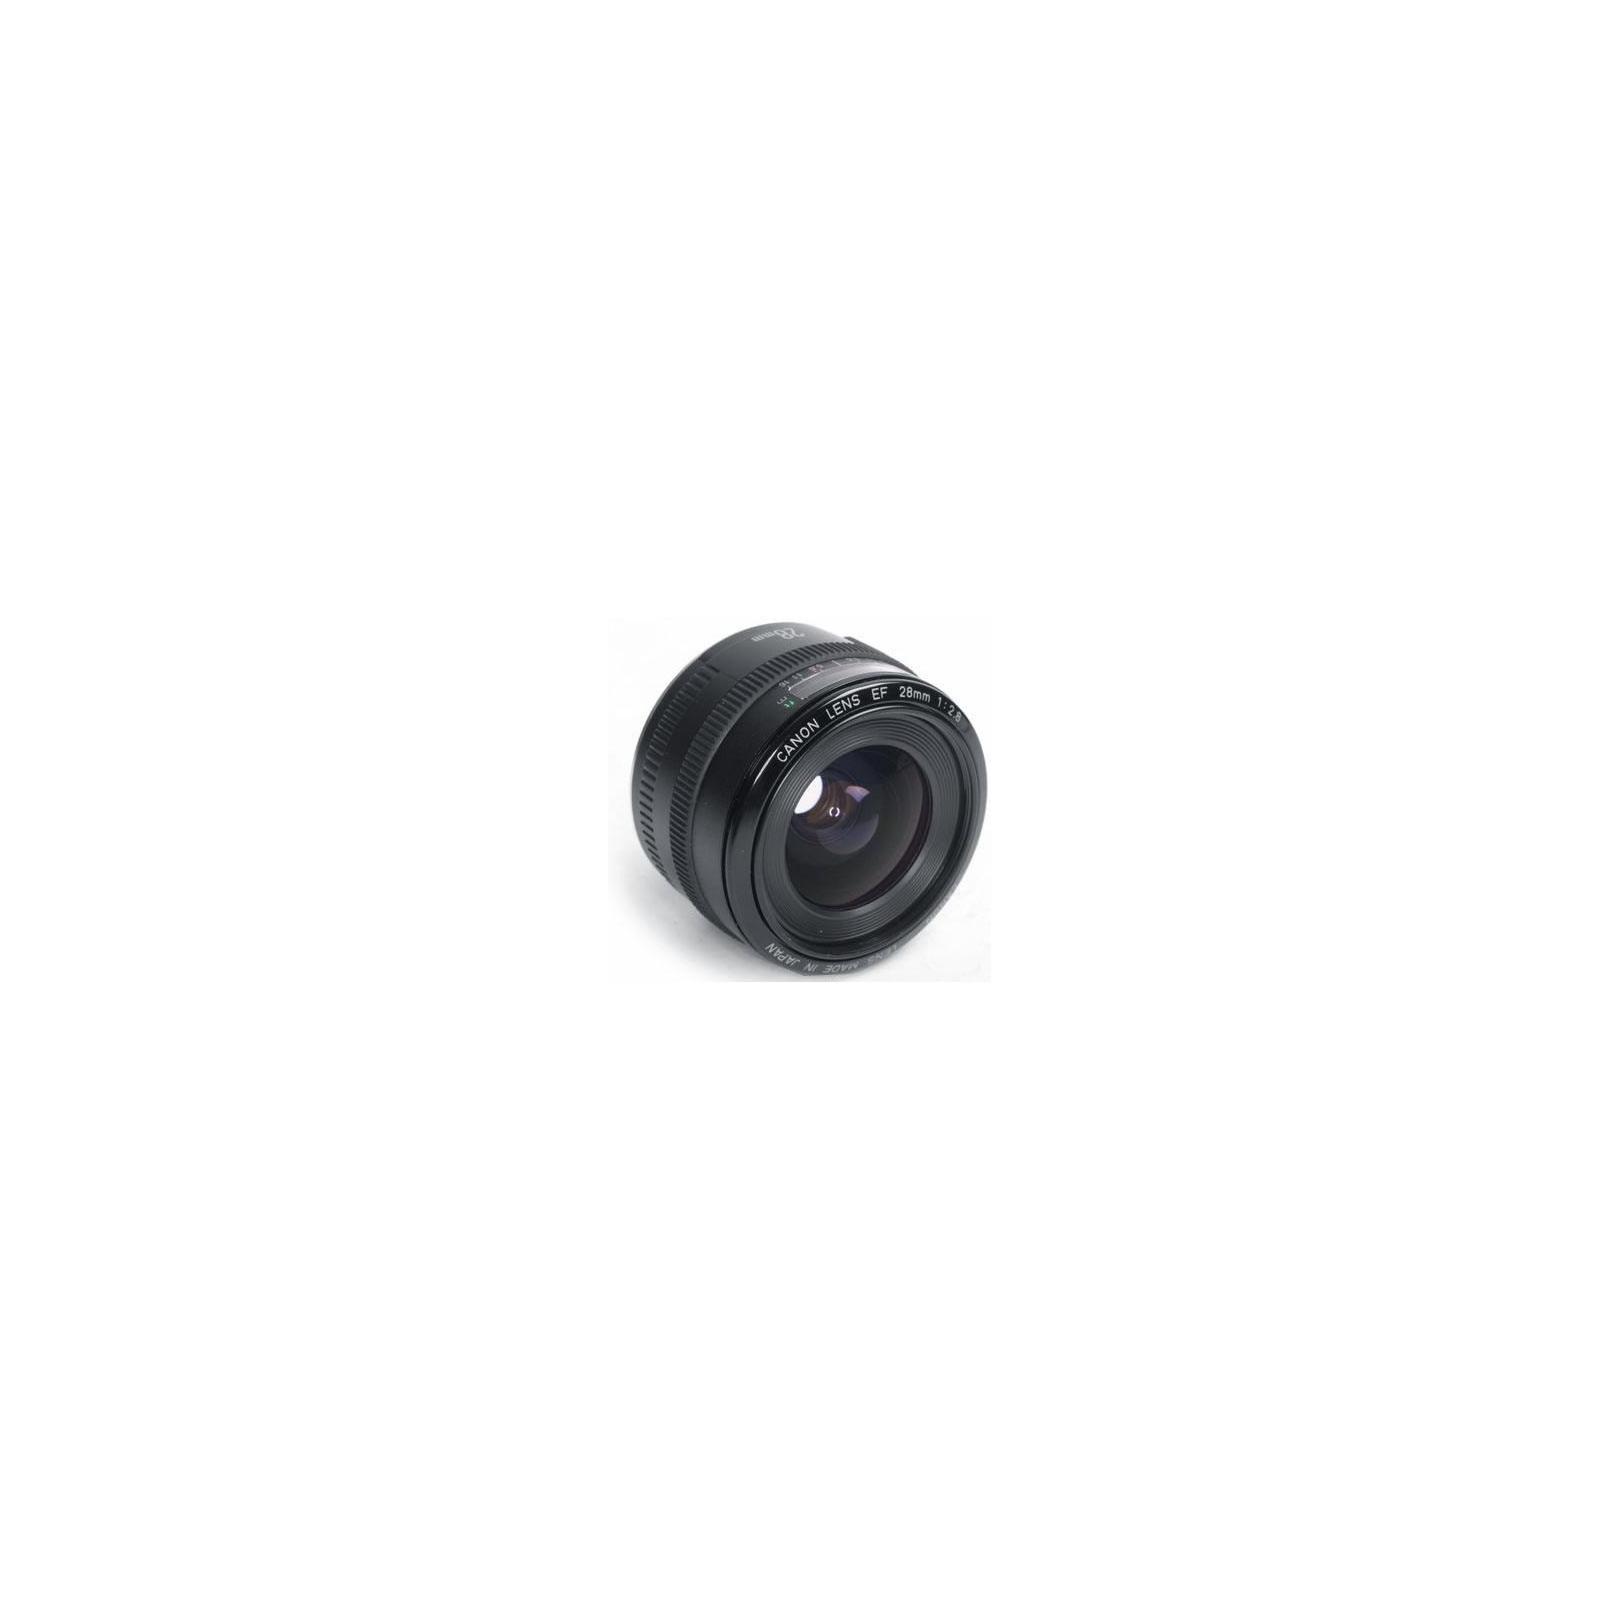 Объектив EF 28mm f/1.8 USM Canon (2510A021 / 2510A010) изображение 2